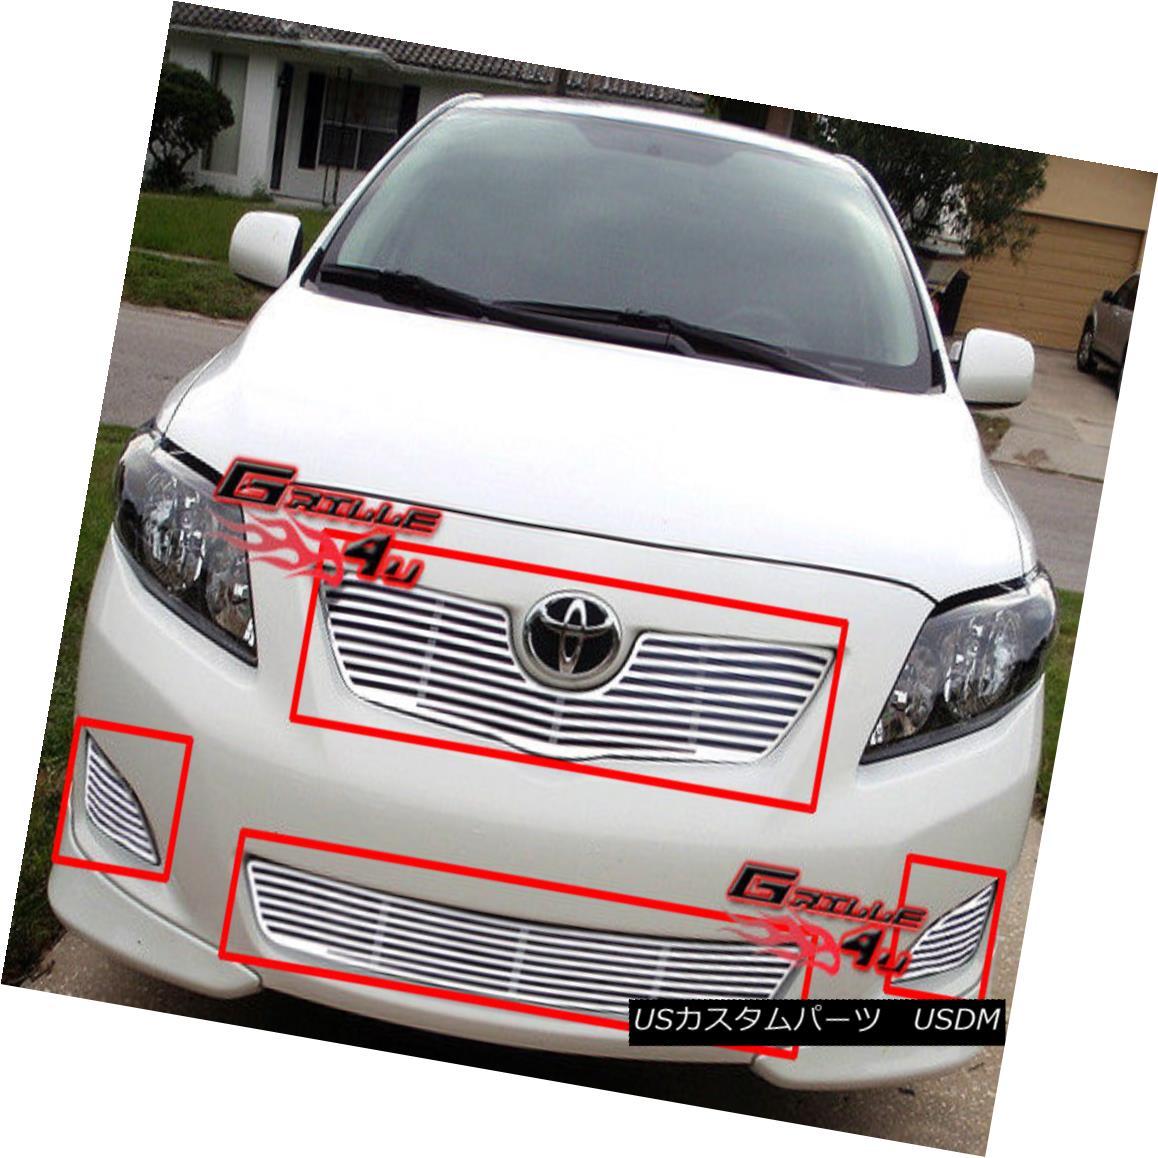 グリル Fits 09-10 Toyota Corolla Perimeter Grille Insert 09-10 Toyota Corollaペリメーターグリルインサート